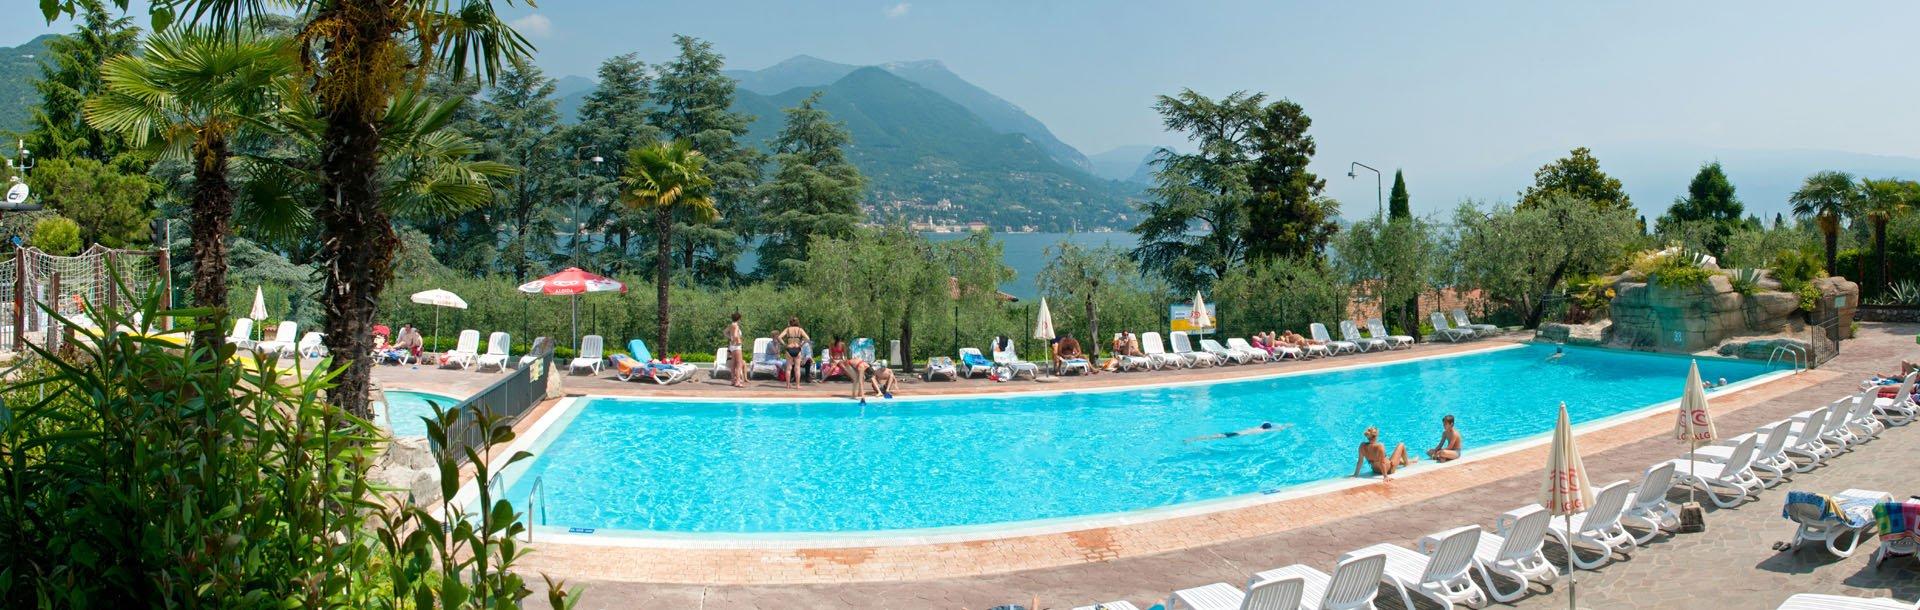 Camping Eden, Gardalake, Italy